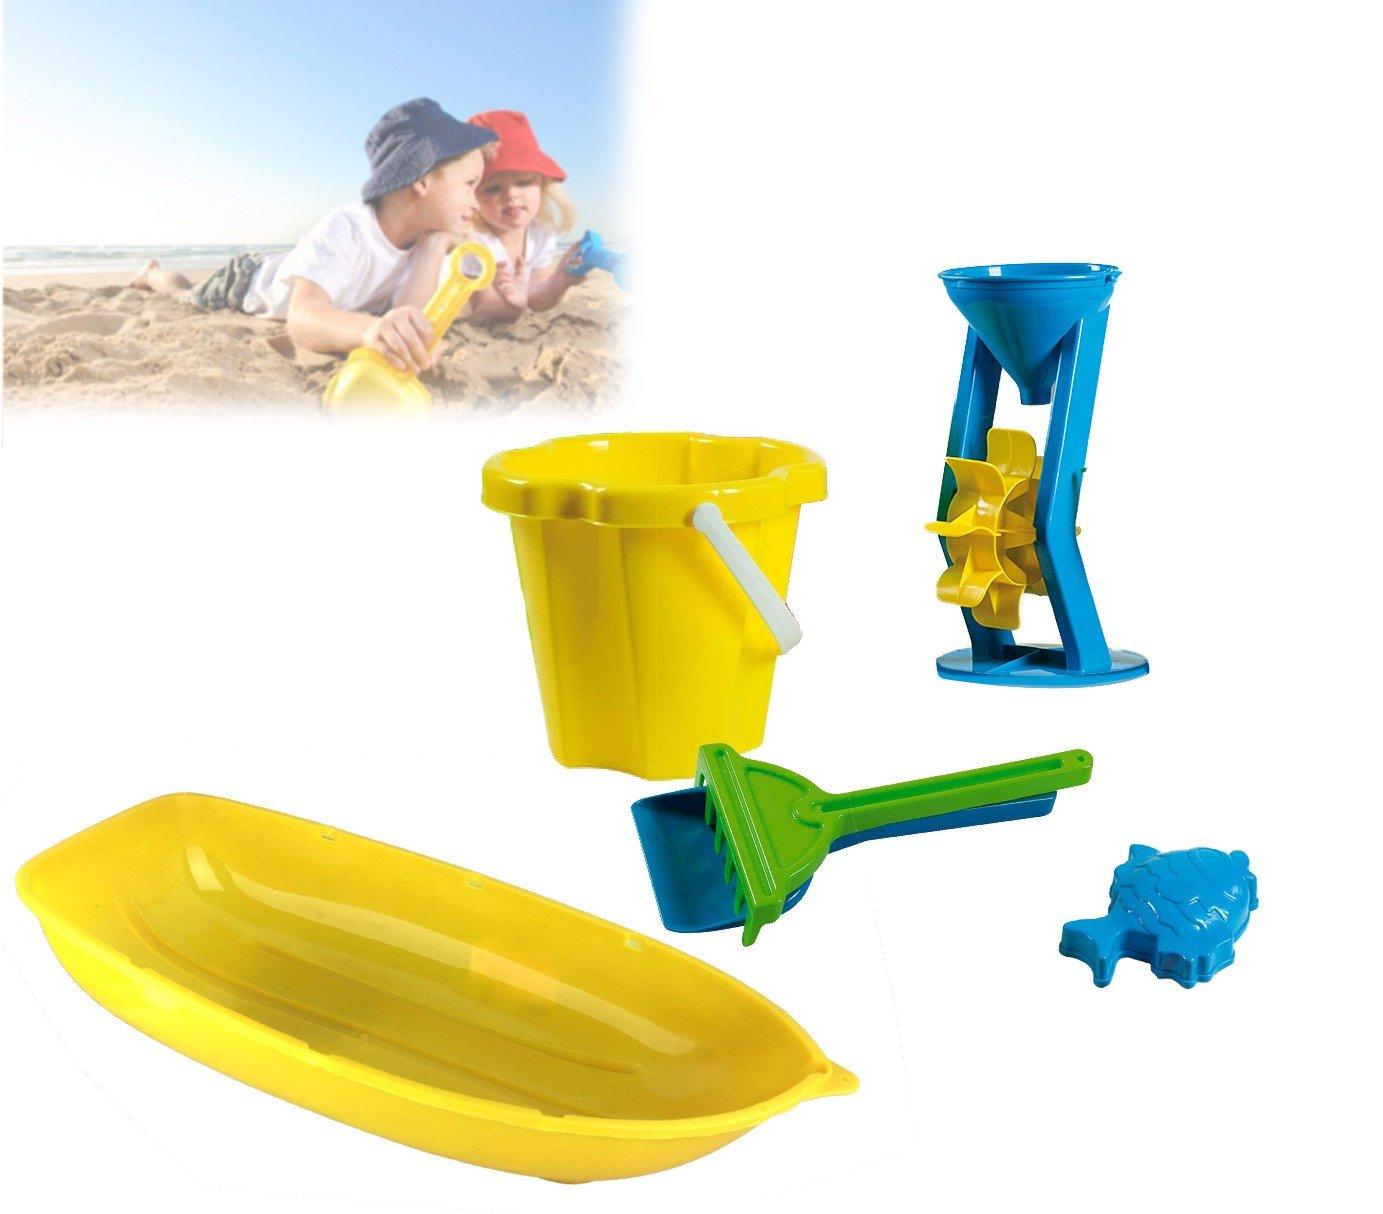 Mulinello Da Spiaggia Con Accessori Androni Giocattoli